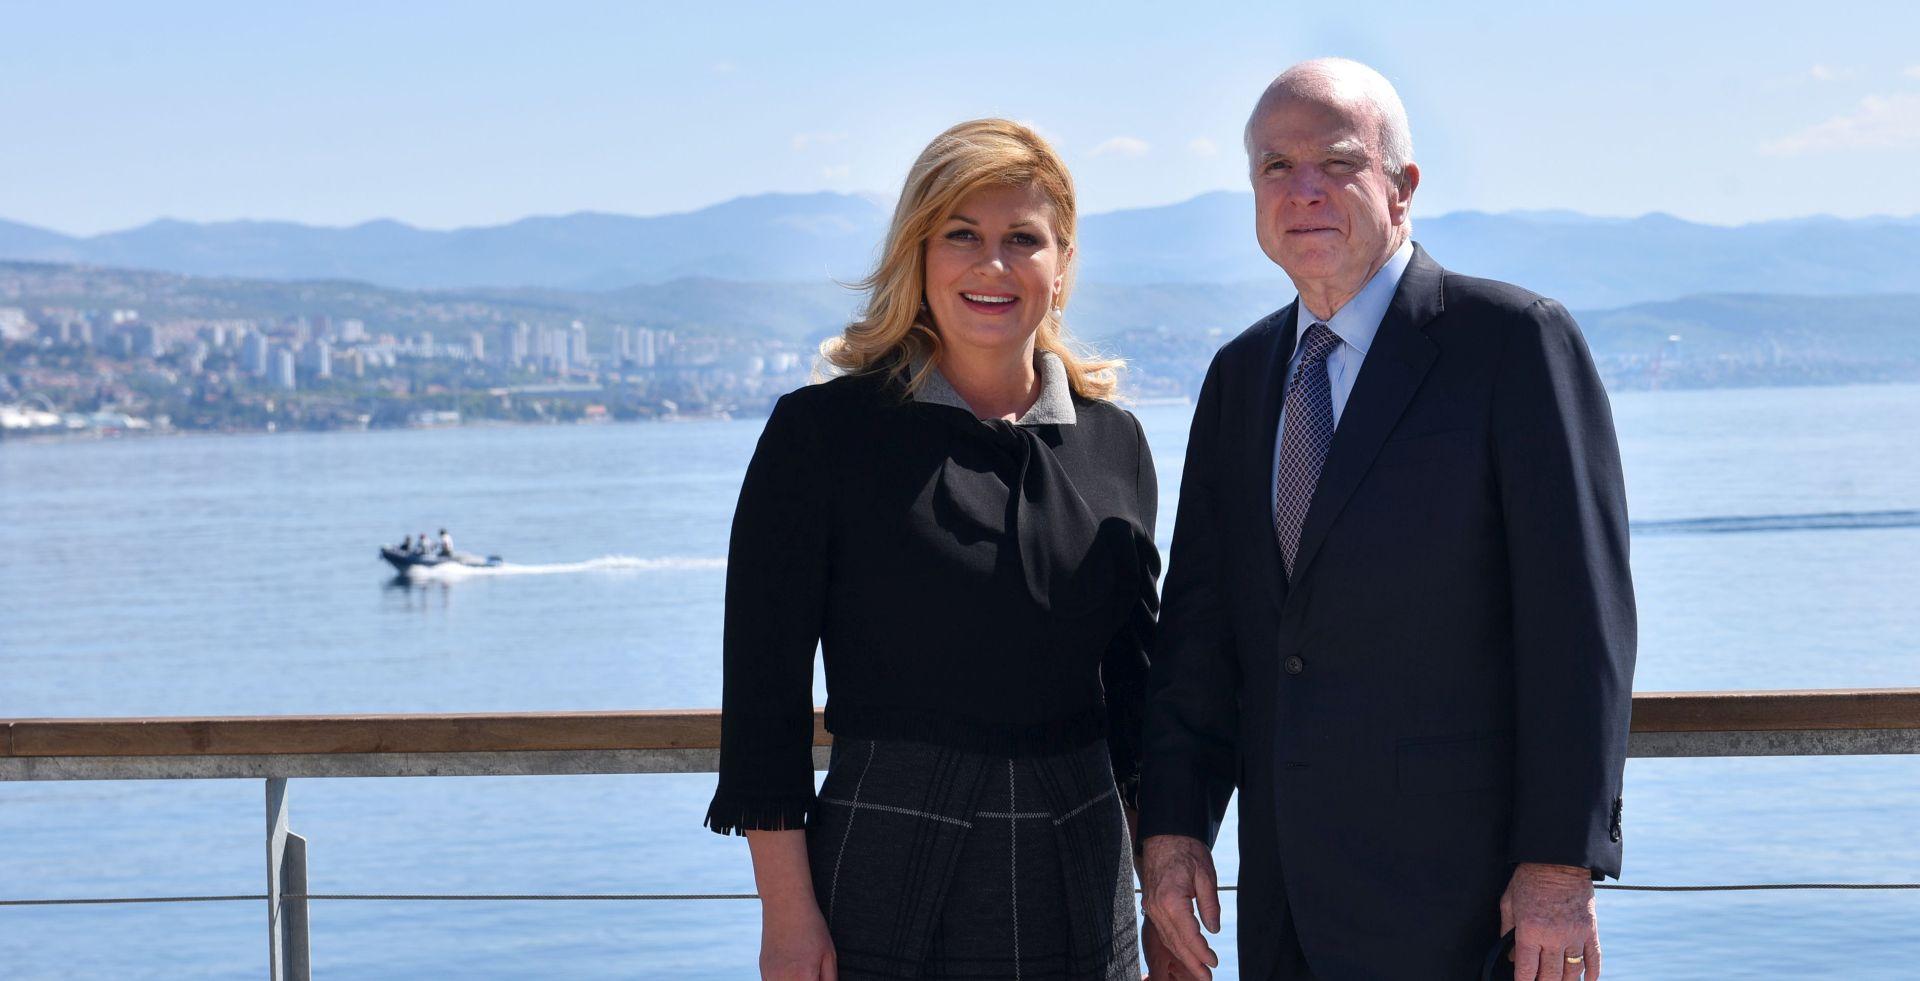 SUSRET S PREDSJEDNICOM I PREMIJEROM Američki senator John McCain u Opatiji i Dubrovniku